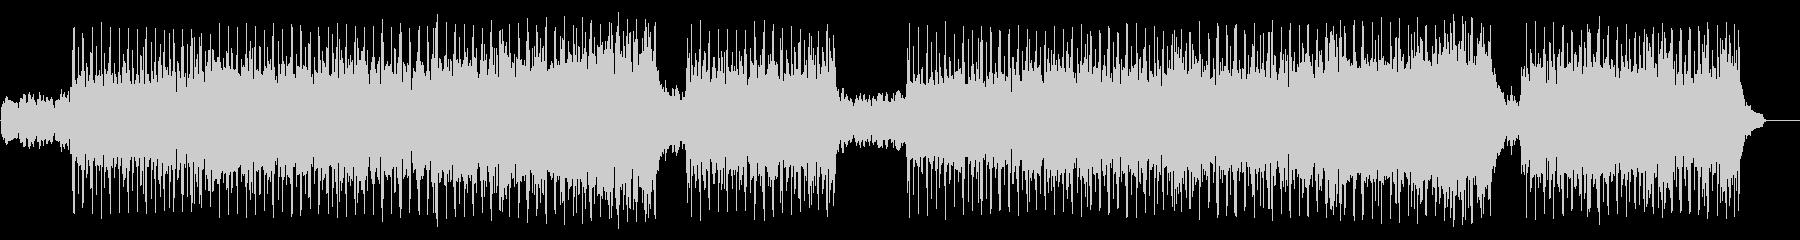 軽快なフュージョン(フルサイズ)の未再生の波形